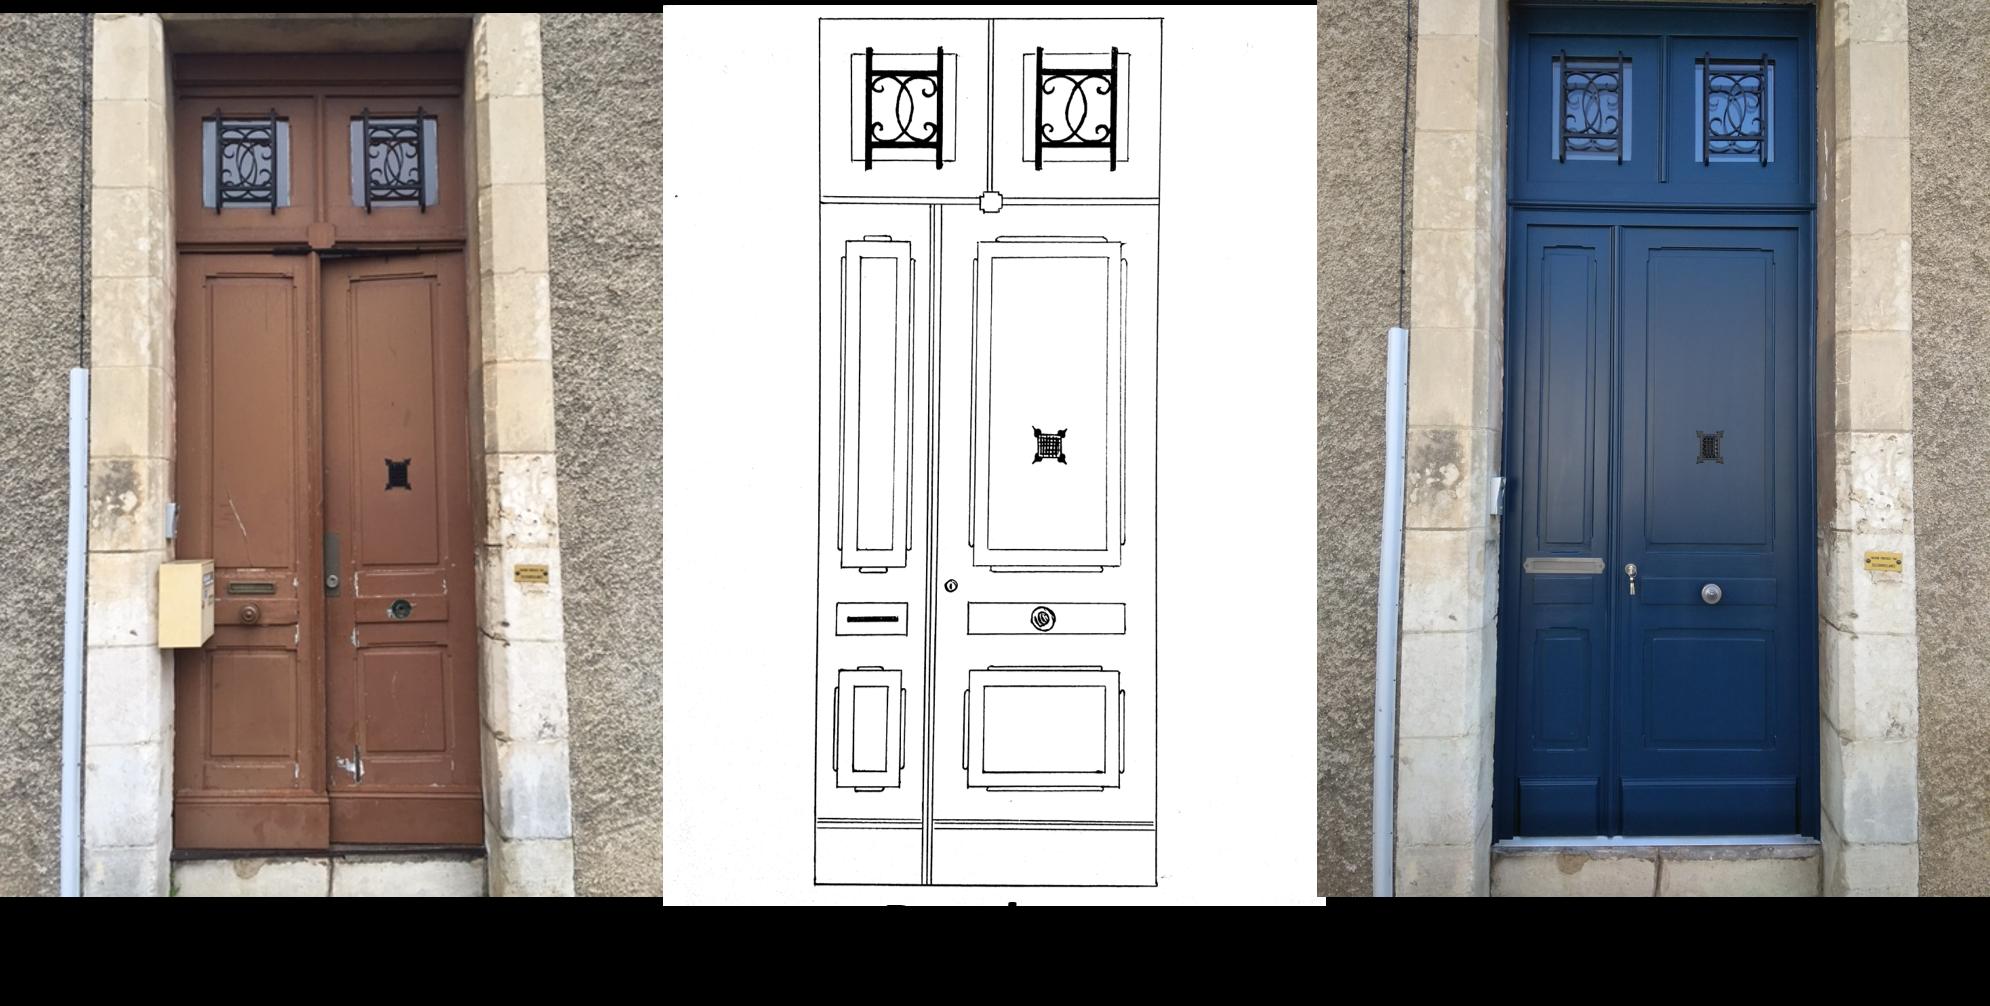 porte d'entrée, rénovation porte, isolation thermique, isolation phonique